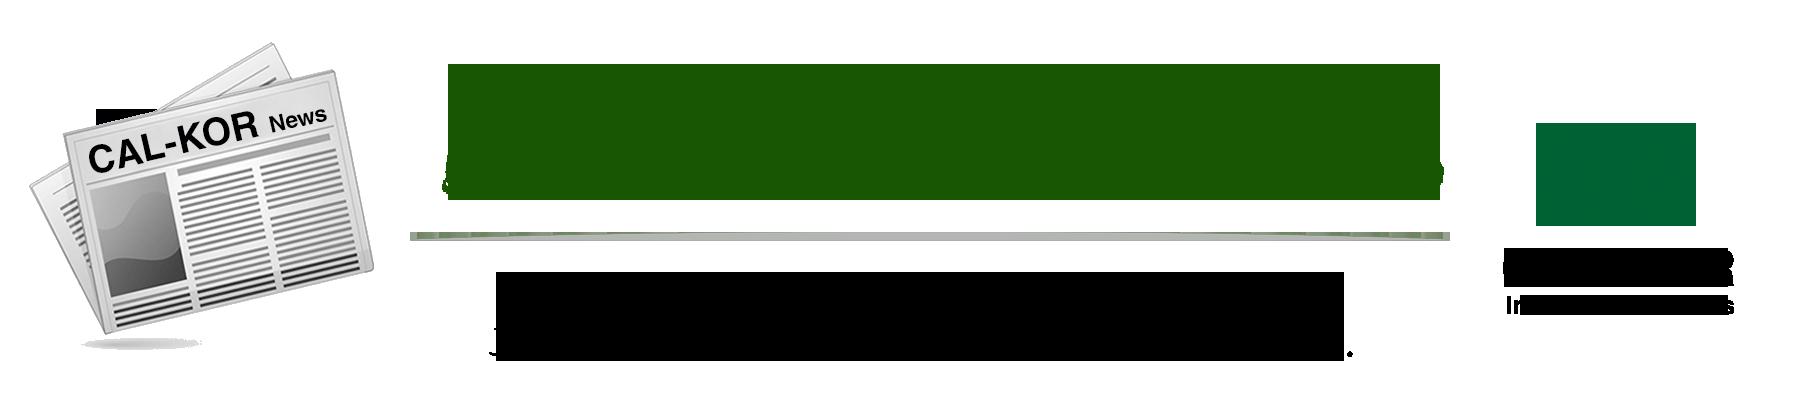 CALKOR Newsletter